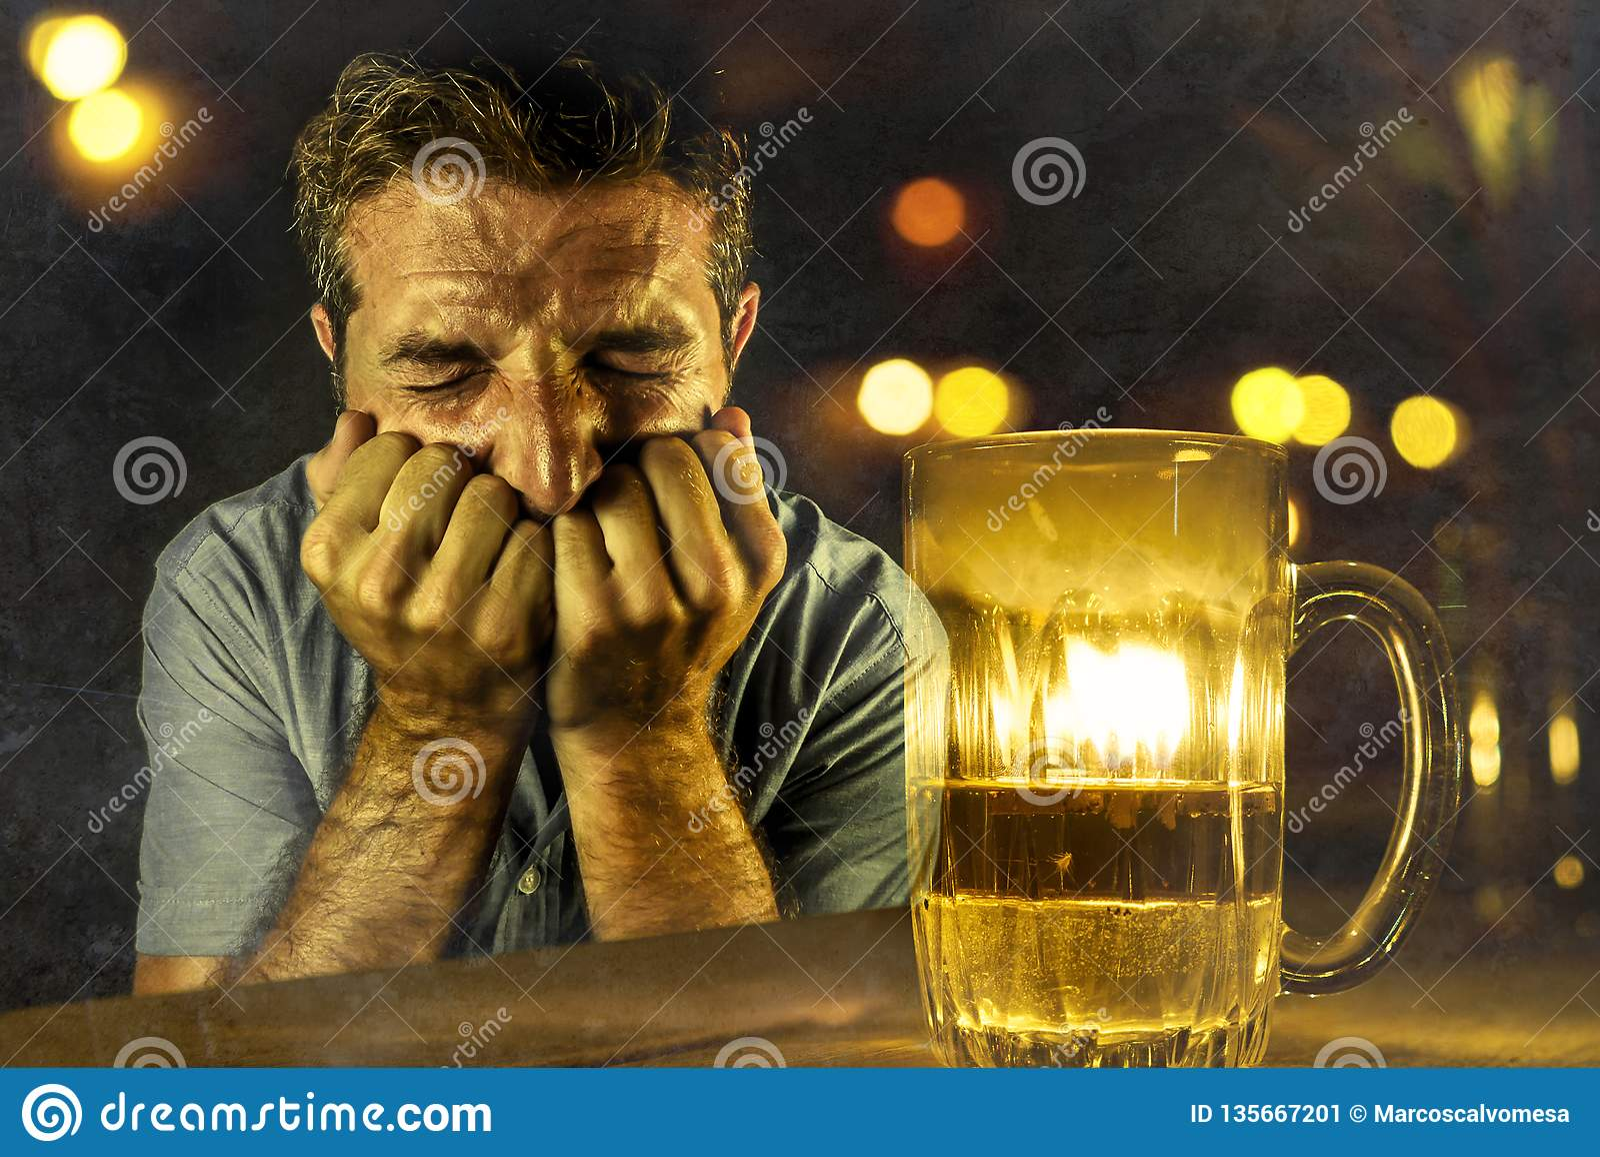 Gedeprimeerd alcoholisch mens het drinken verspild en het gedronken bier ontbrekende verzetten zich tegen in barbar bij nacht te